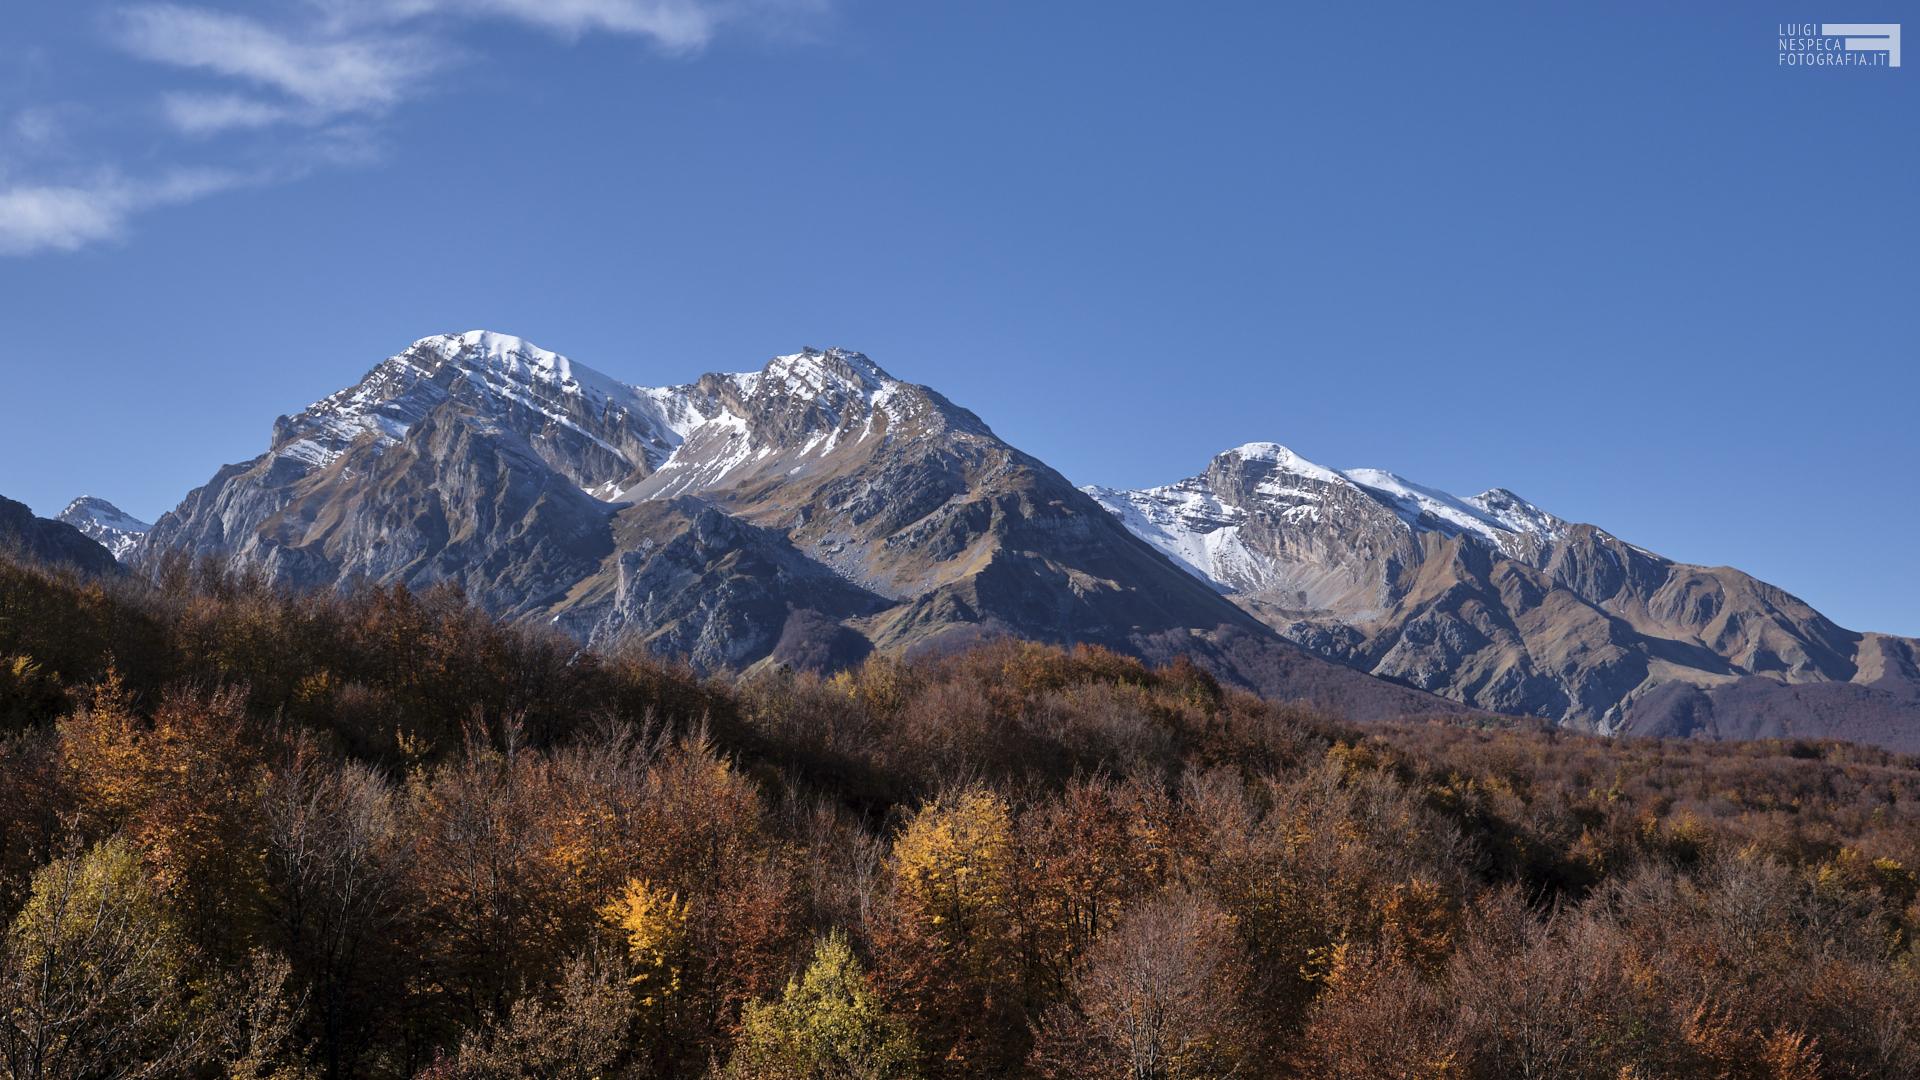 Autunno in Val Maone - Pizzo d'Intermesoli e Monte Corvo - Prati di Tivo